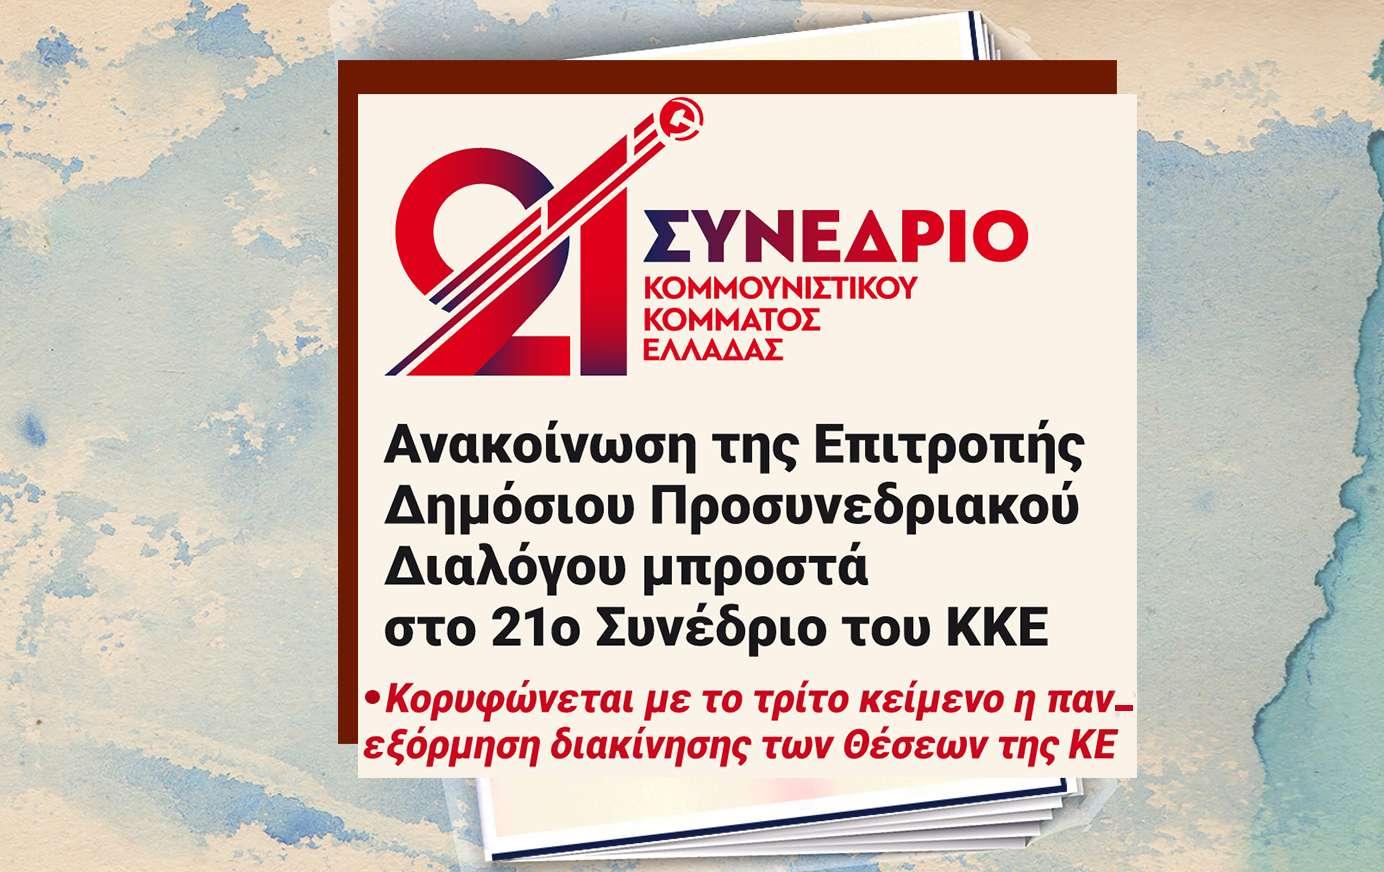 ΚΚΕ_KKE 21 SYNEDRIO Συνέδριο Θέσεις 3 Ανακοίνωση Επιτροπής Διαλόγου